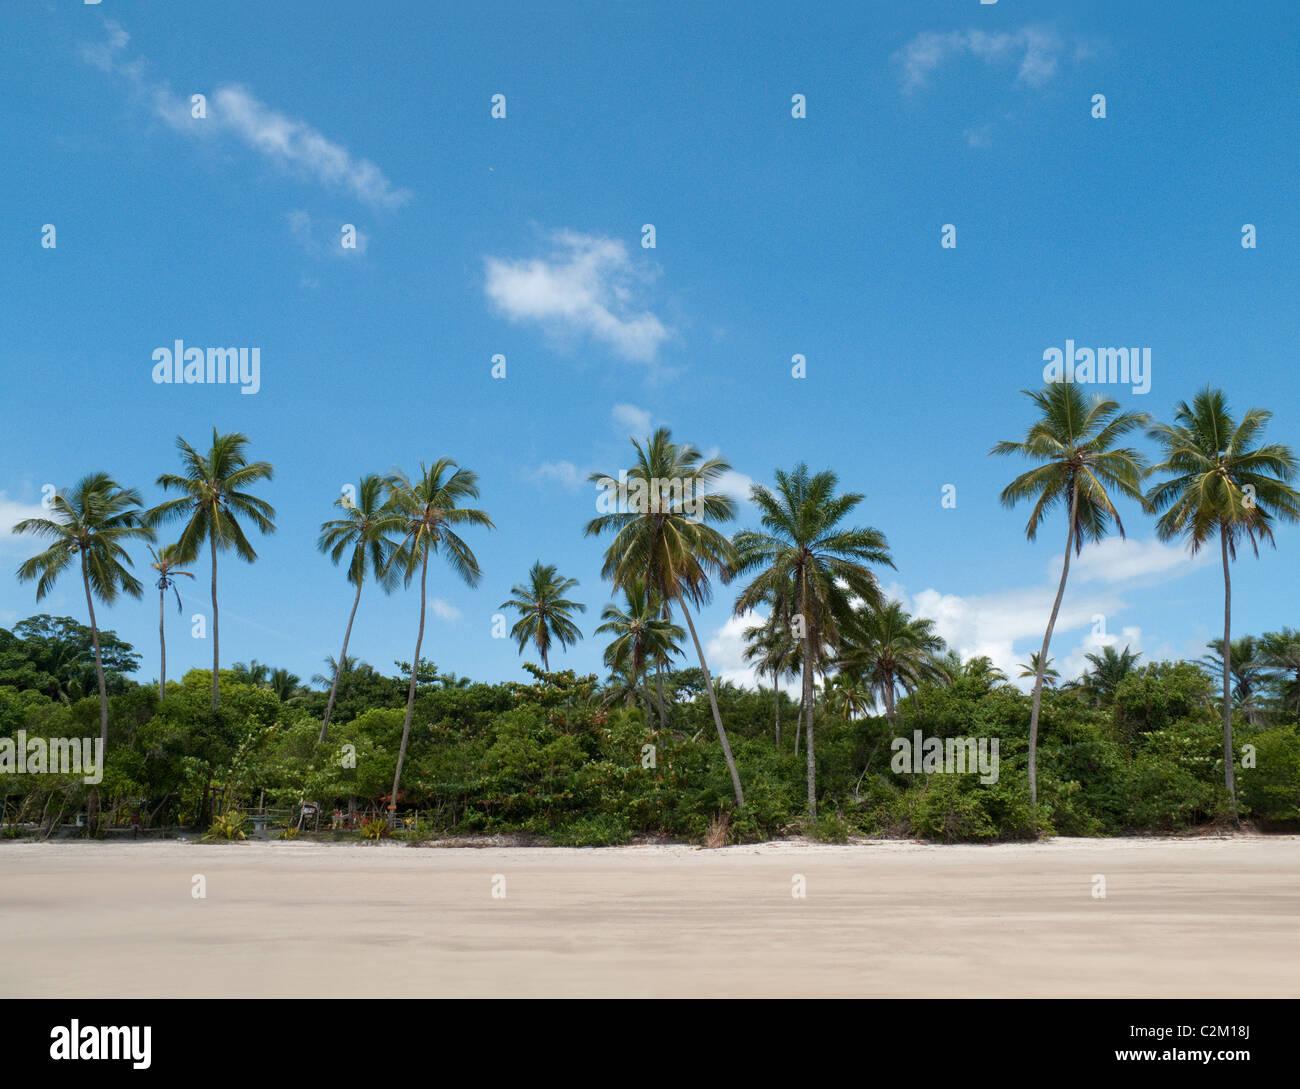 Palmiers sur la plage, l'île de Boipeba, Bahia, Brésil Photo Stock